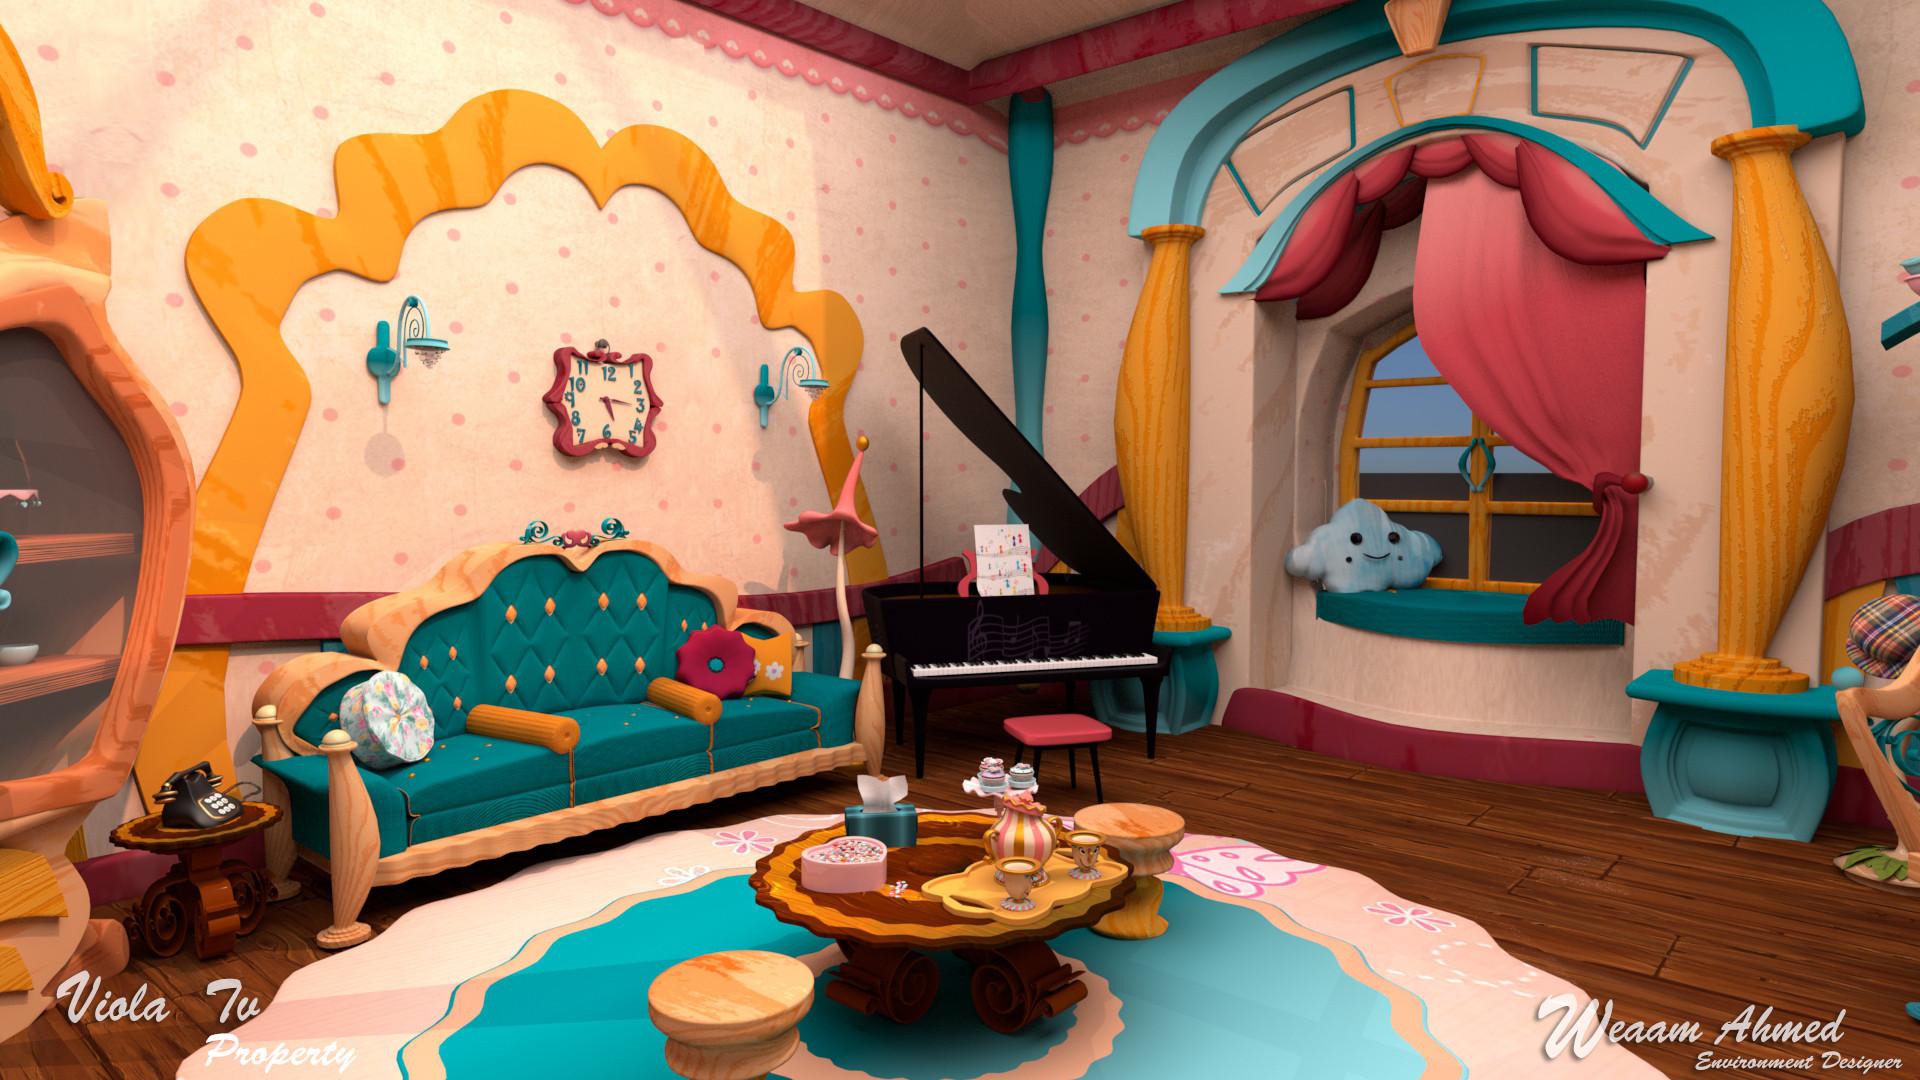 Artstation Living Room For 3d Cartoon Rhymes Weaam Khatab